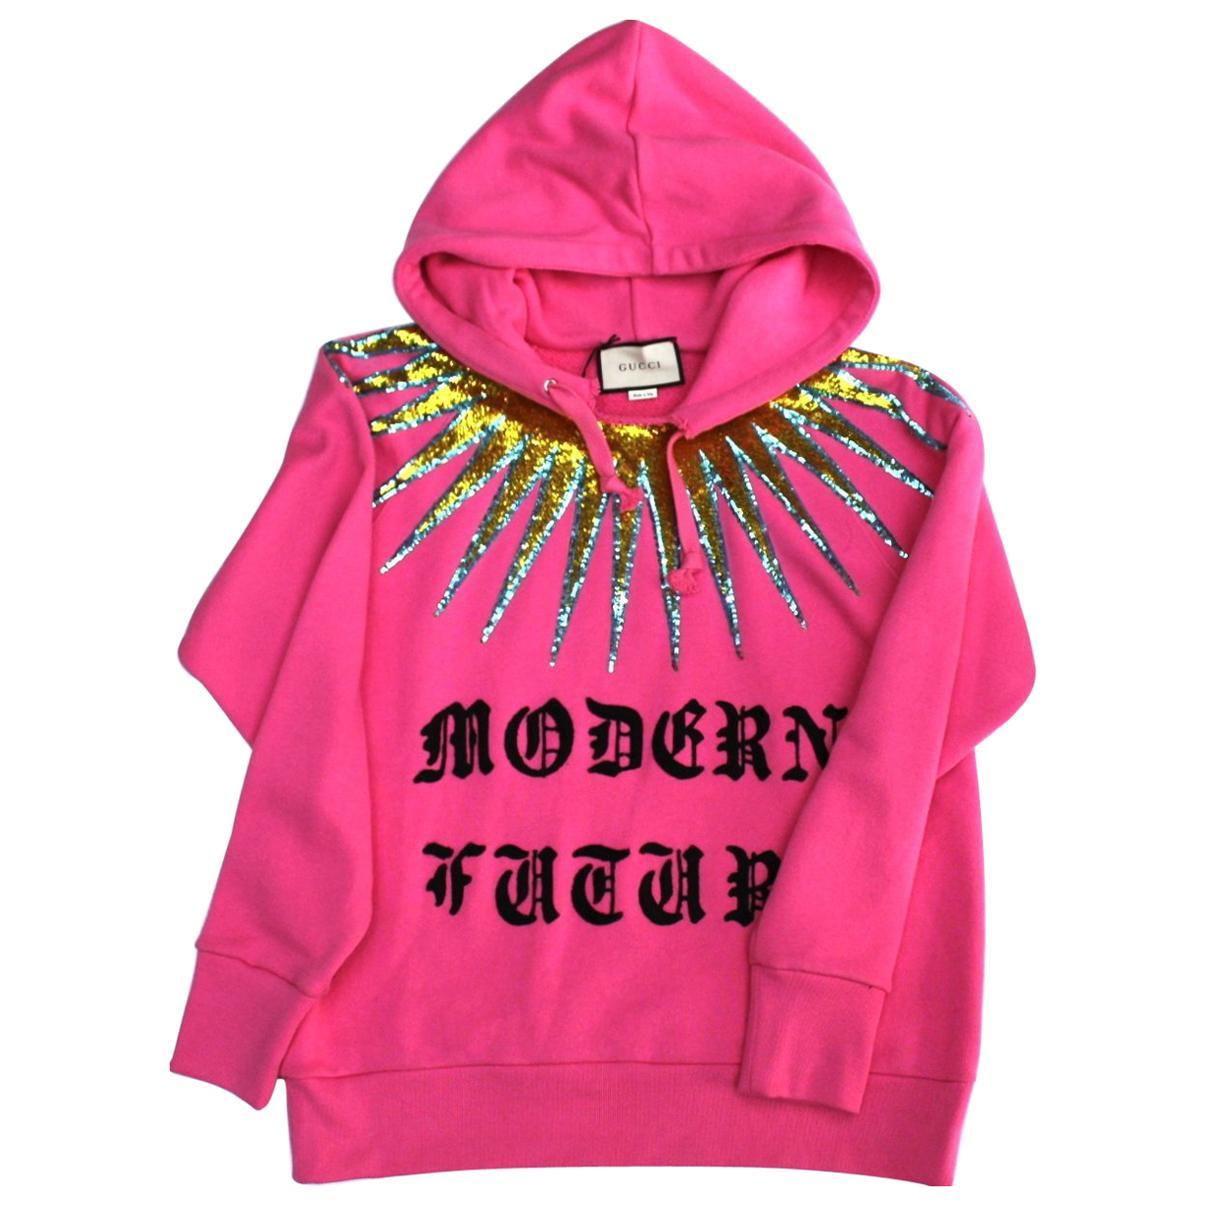 9fcd7aa0edb Gucci Men s Red GucciGhost Sweatshirt Sz L For Sale at 1stdibs